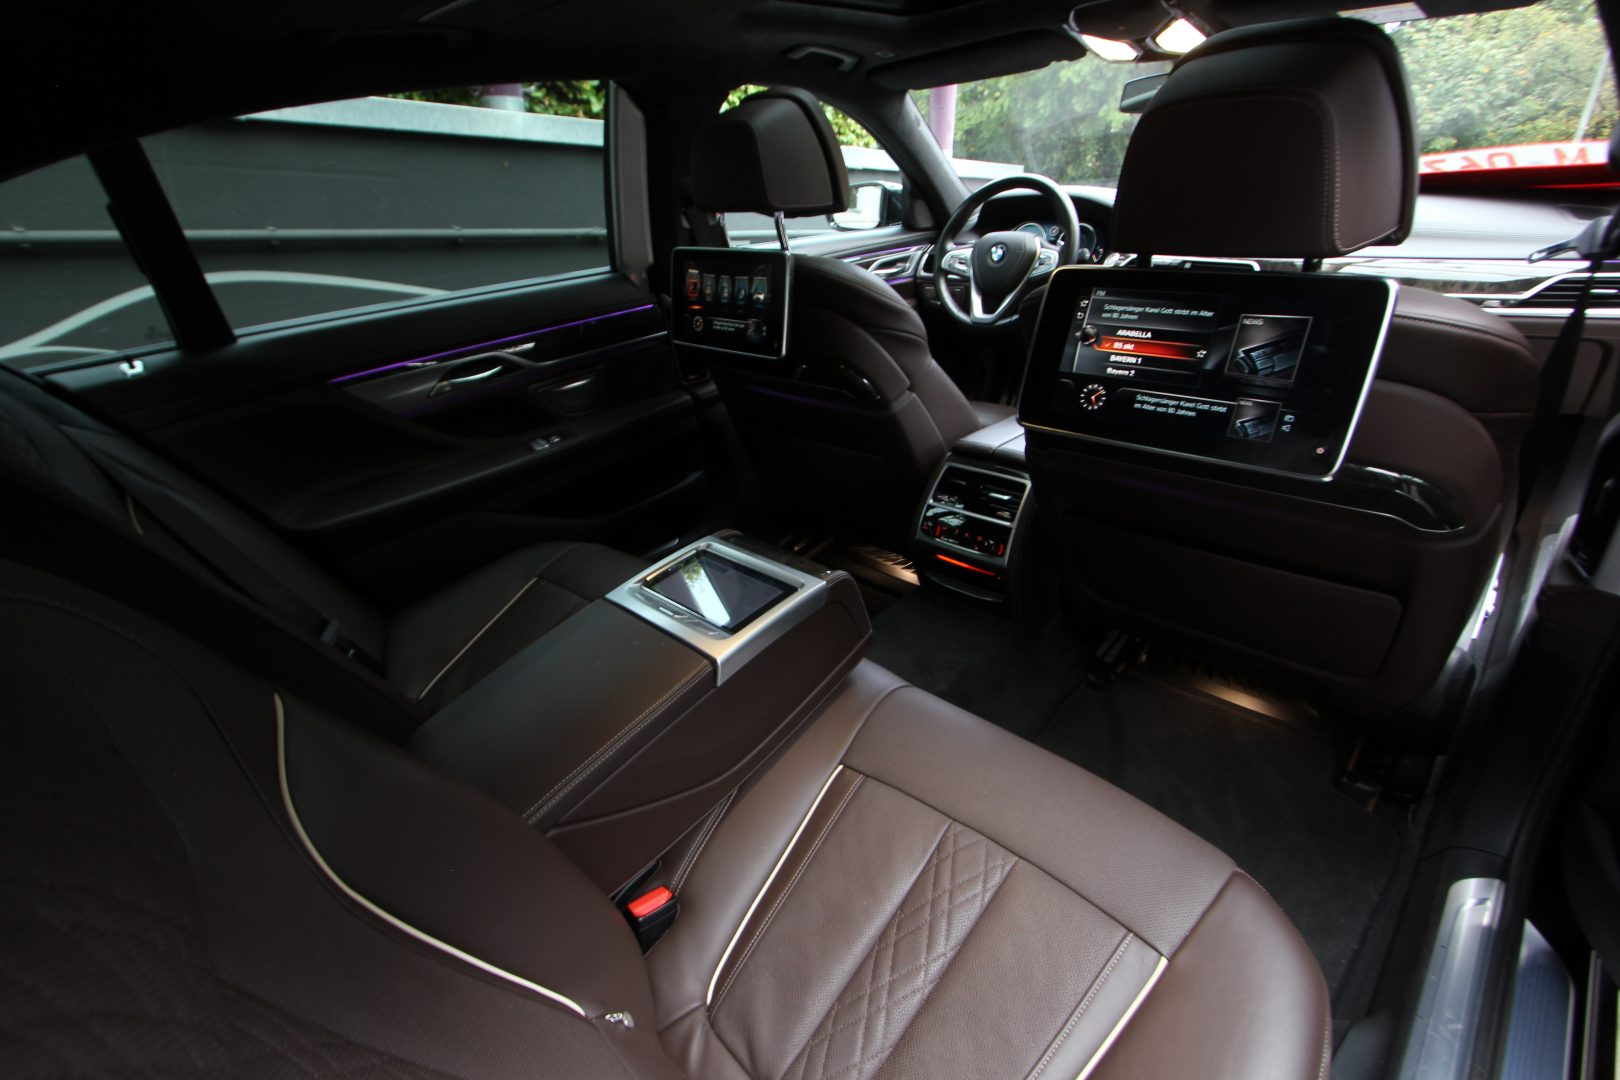 AIL BMW 750Ld xDrive M-Paket  1